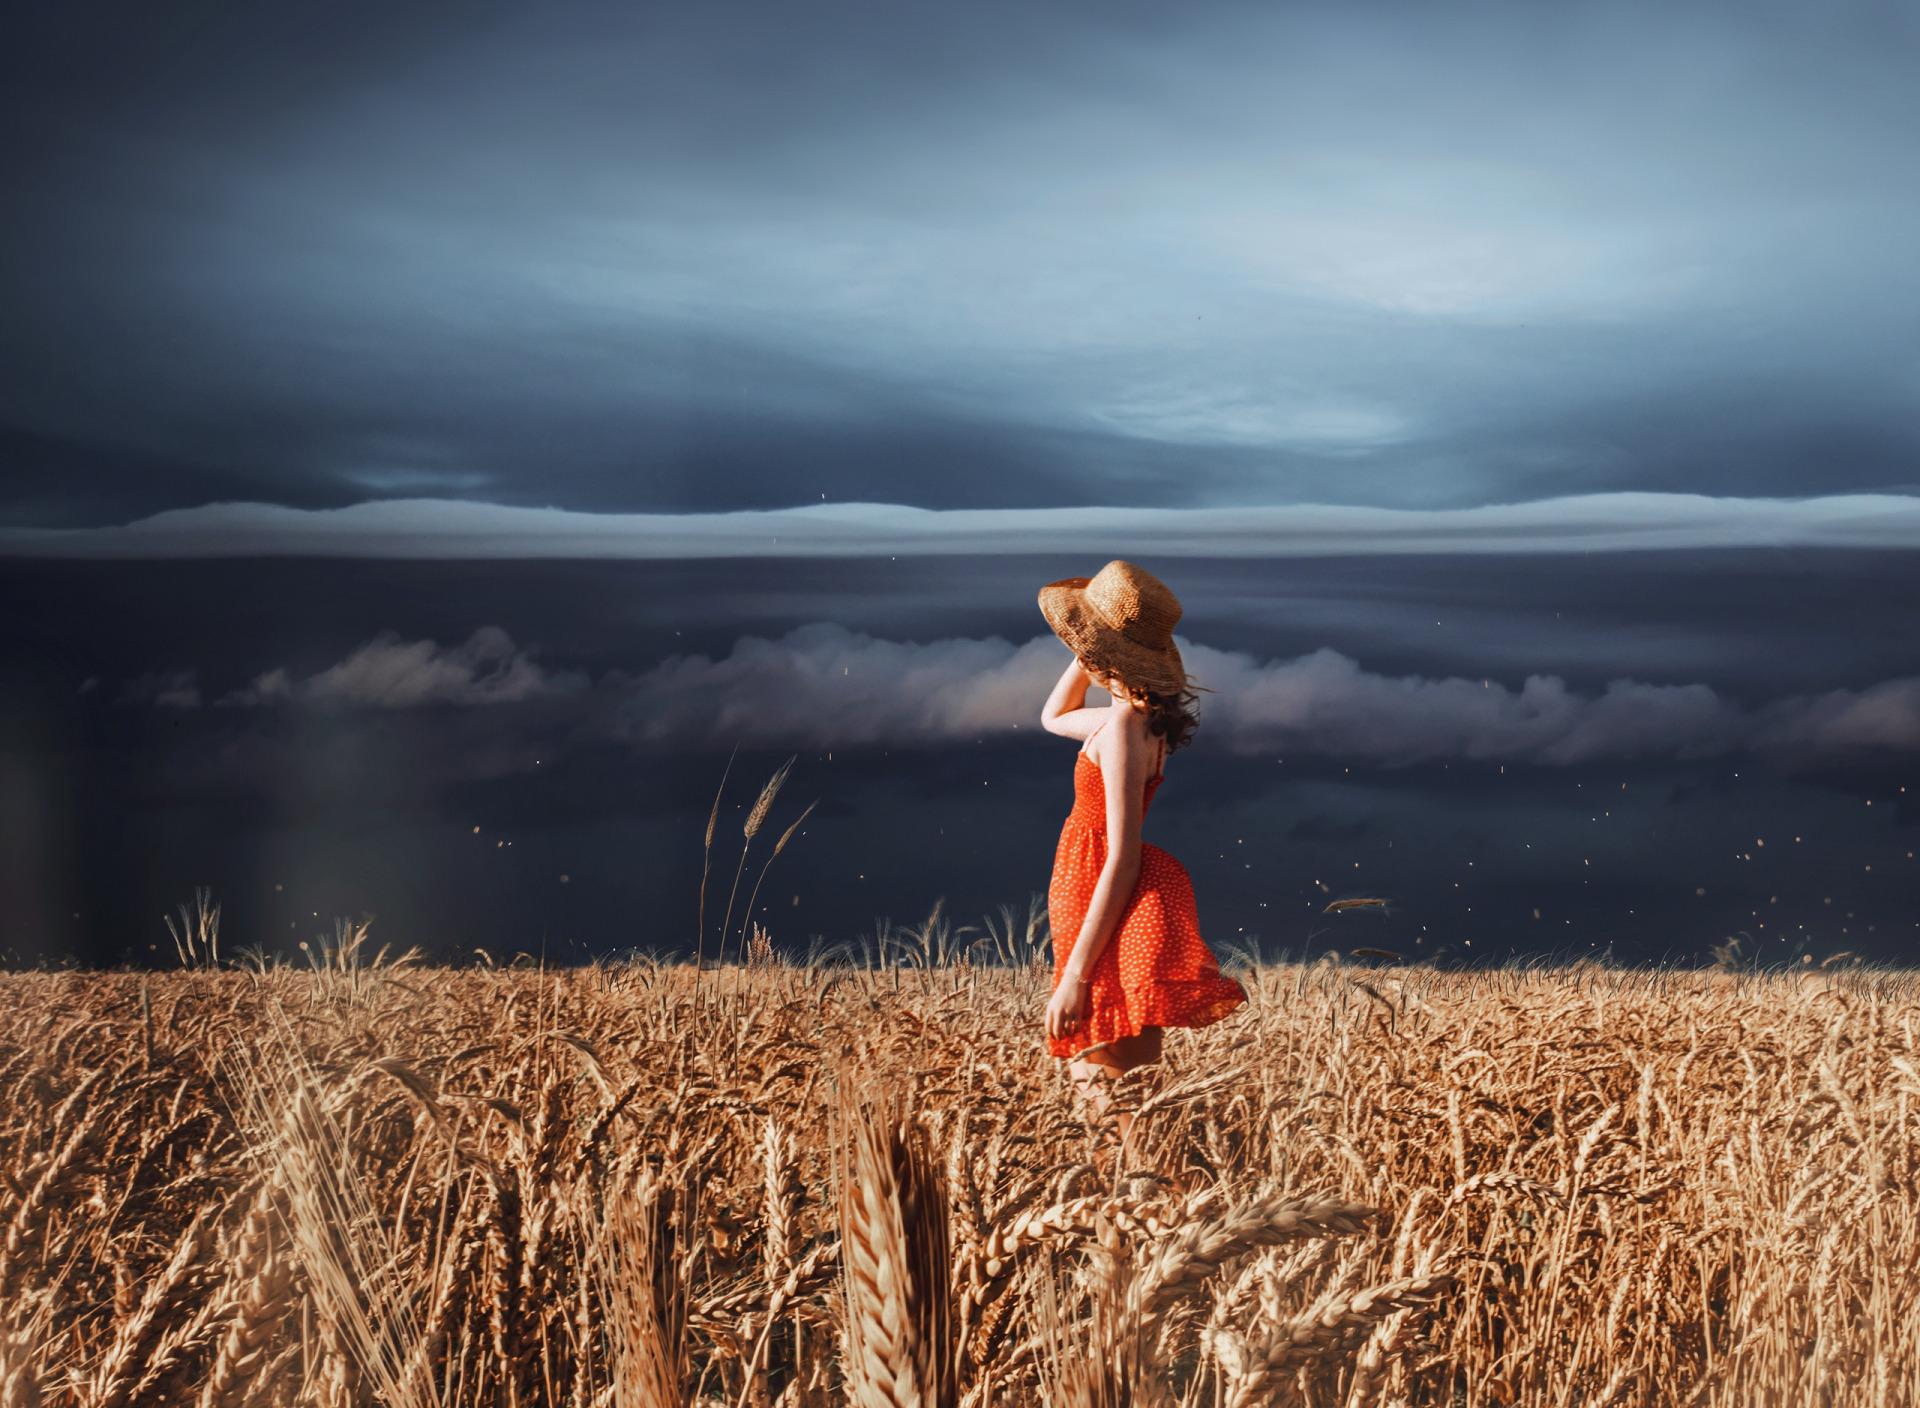 Как изменить свою жизнь к лучшему: с чего начать перемены и полностью всё поменять